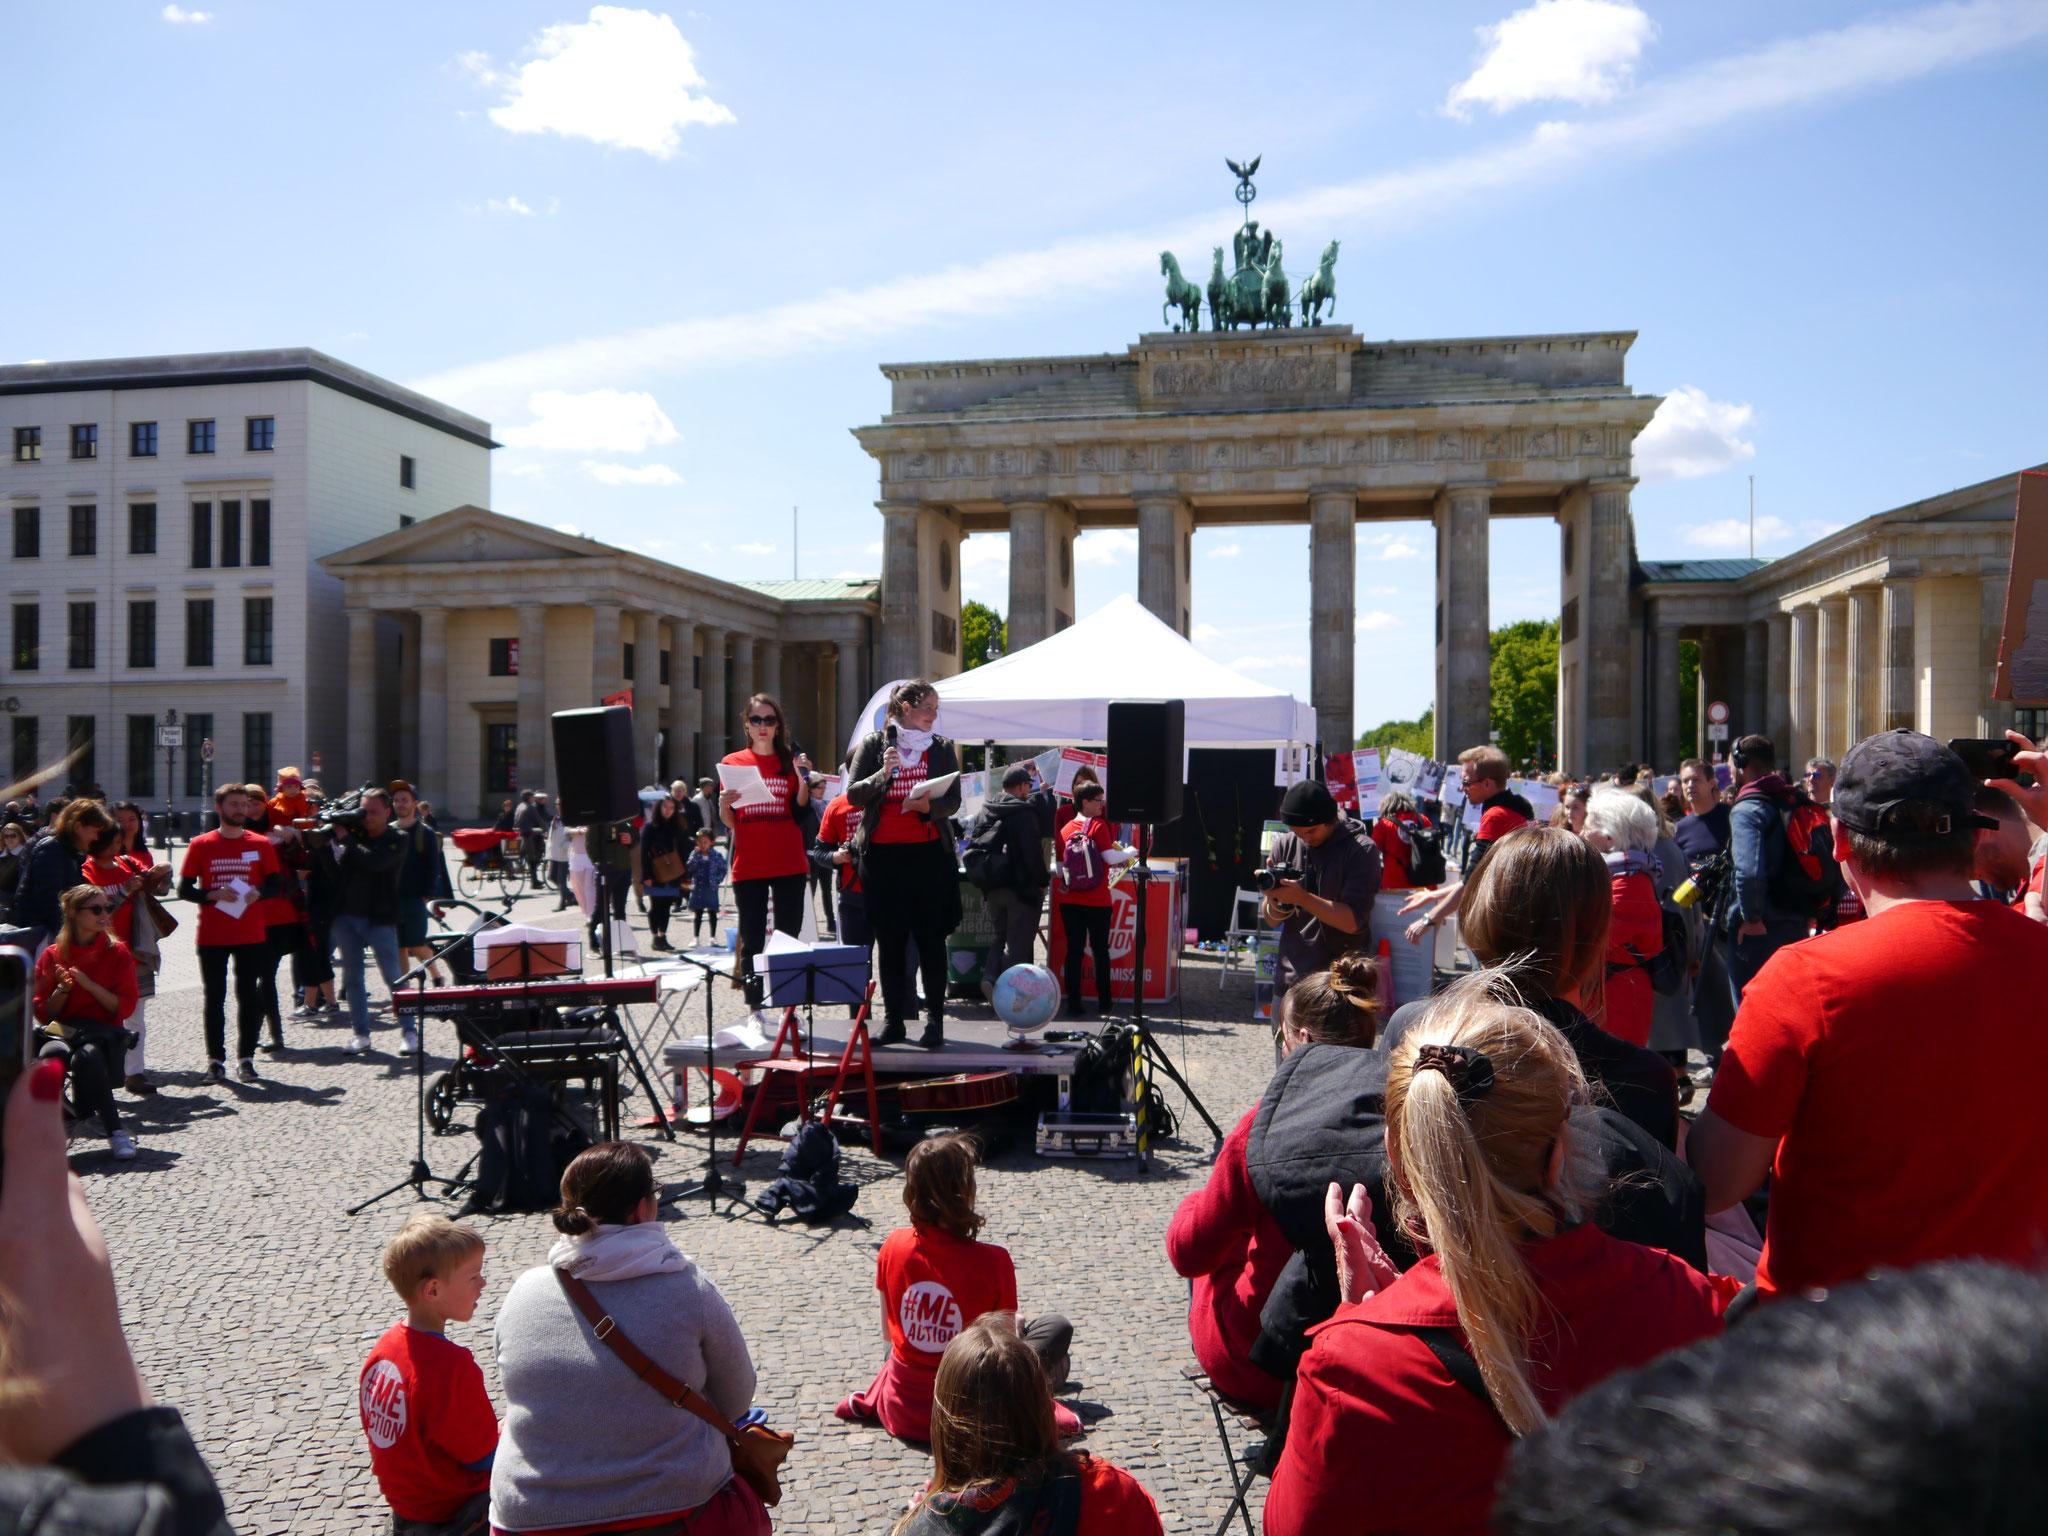 Kelly und Dorothée von #MillionsMissing Deutschland